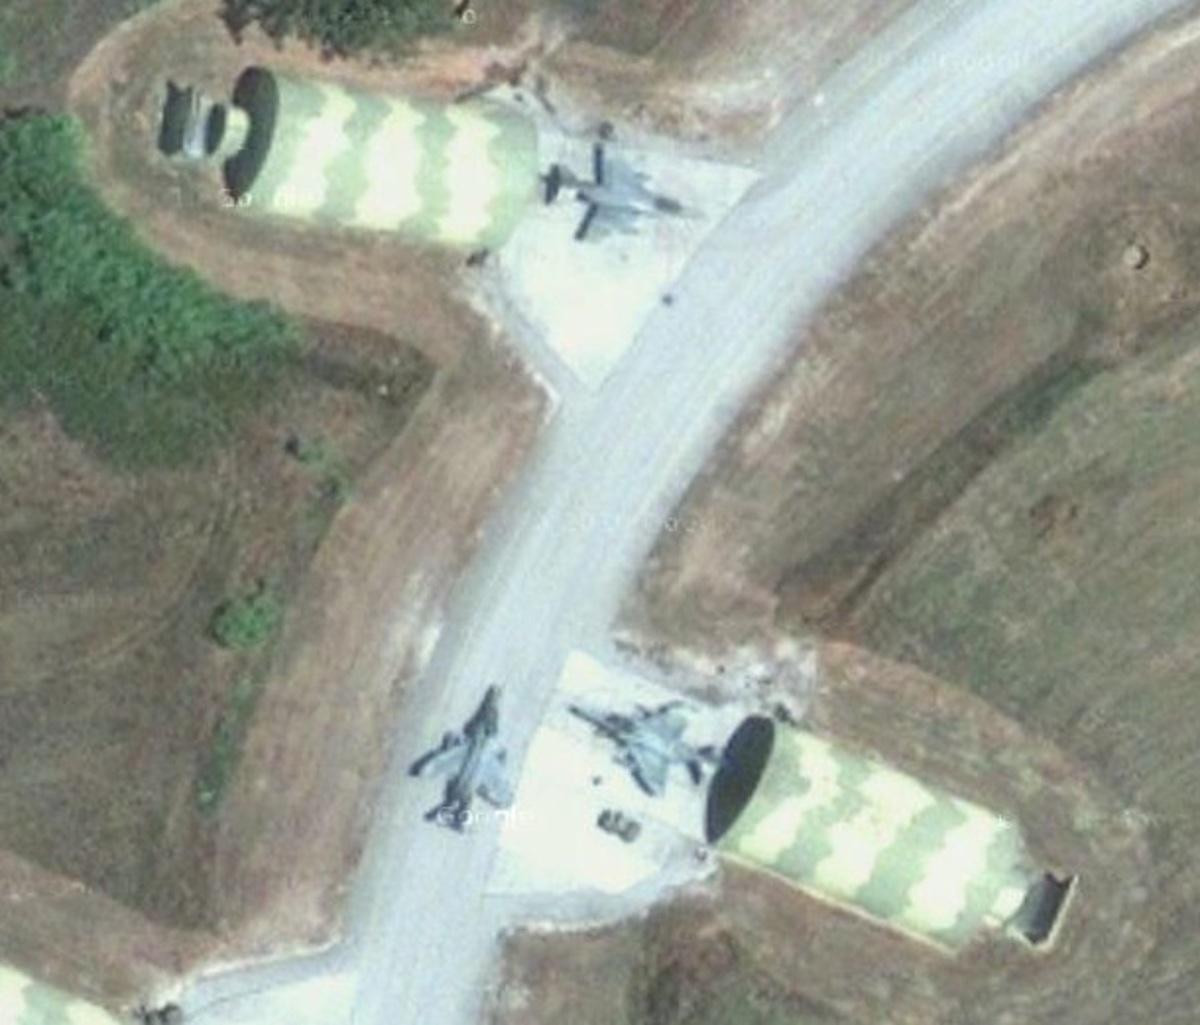 Ολα στη φόρα από το Google! – Αεροπορικές βάσεις, στρατόπεδα, «ευαίσθητες» εγκαταστάσεις   Newsit.gr